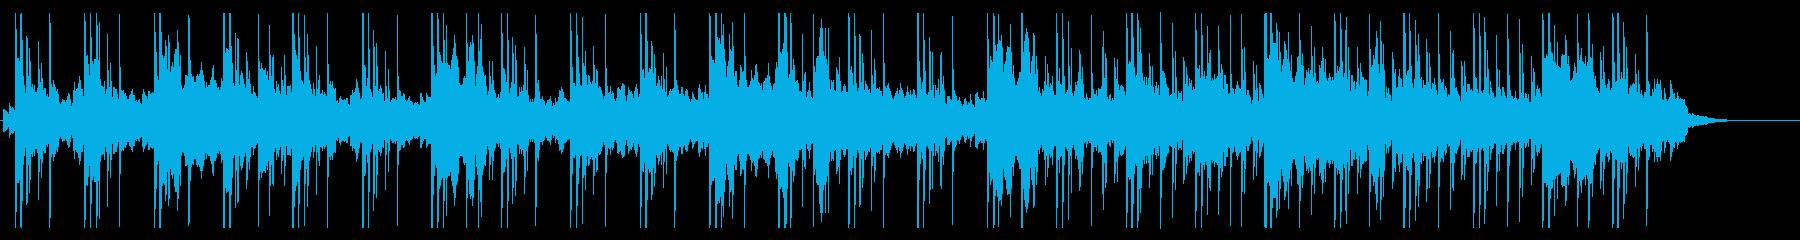 ダンジョン向けゲームミュージック17の再生済みの波形